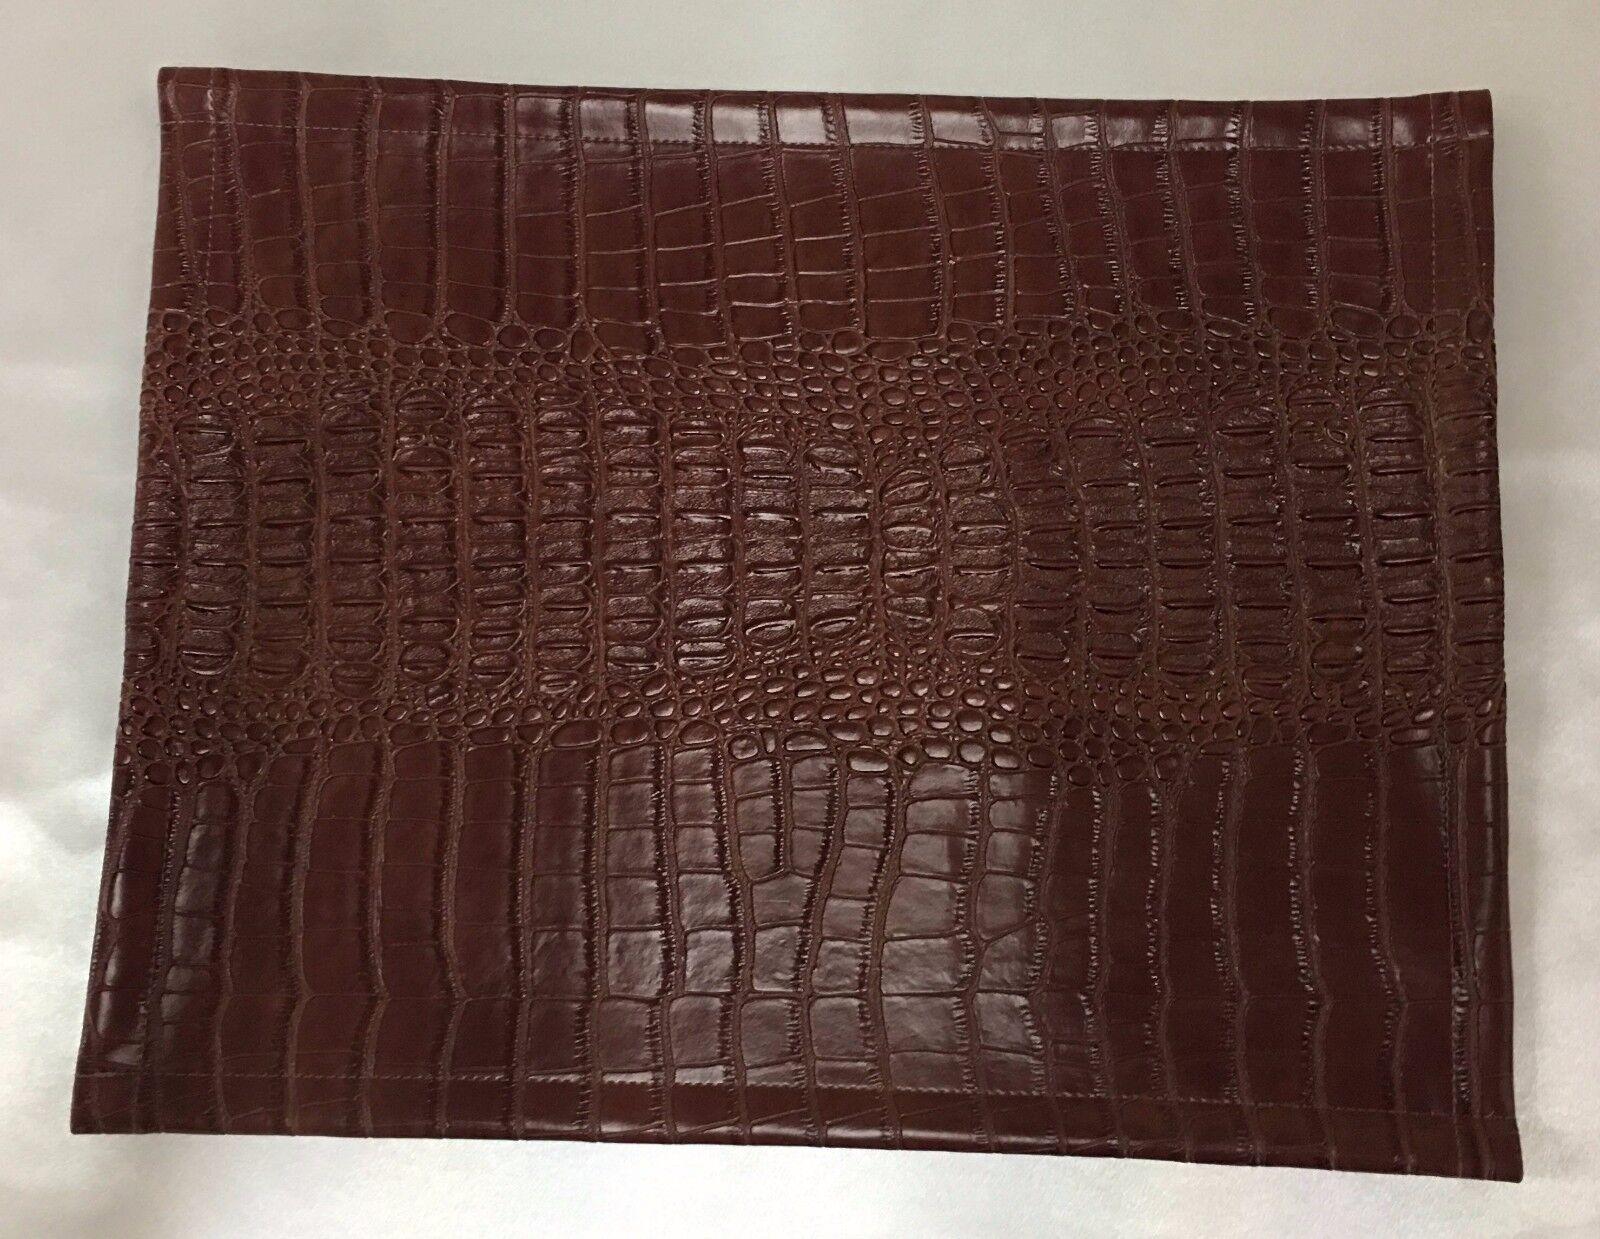 Vinyle, marron Nil, NAPPERONS texture bords ourlés 14 x 14  set de 6 carré